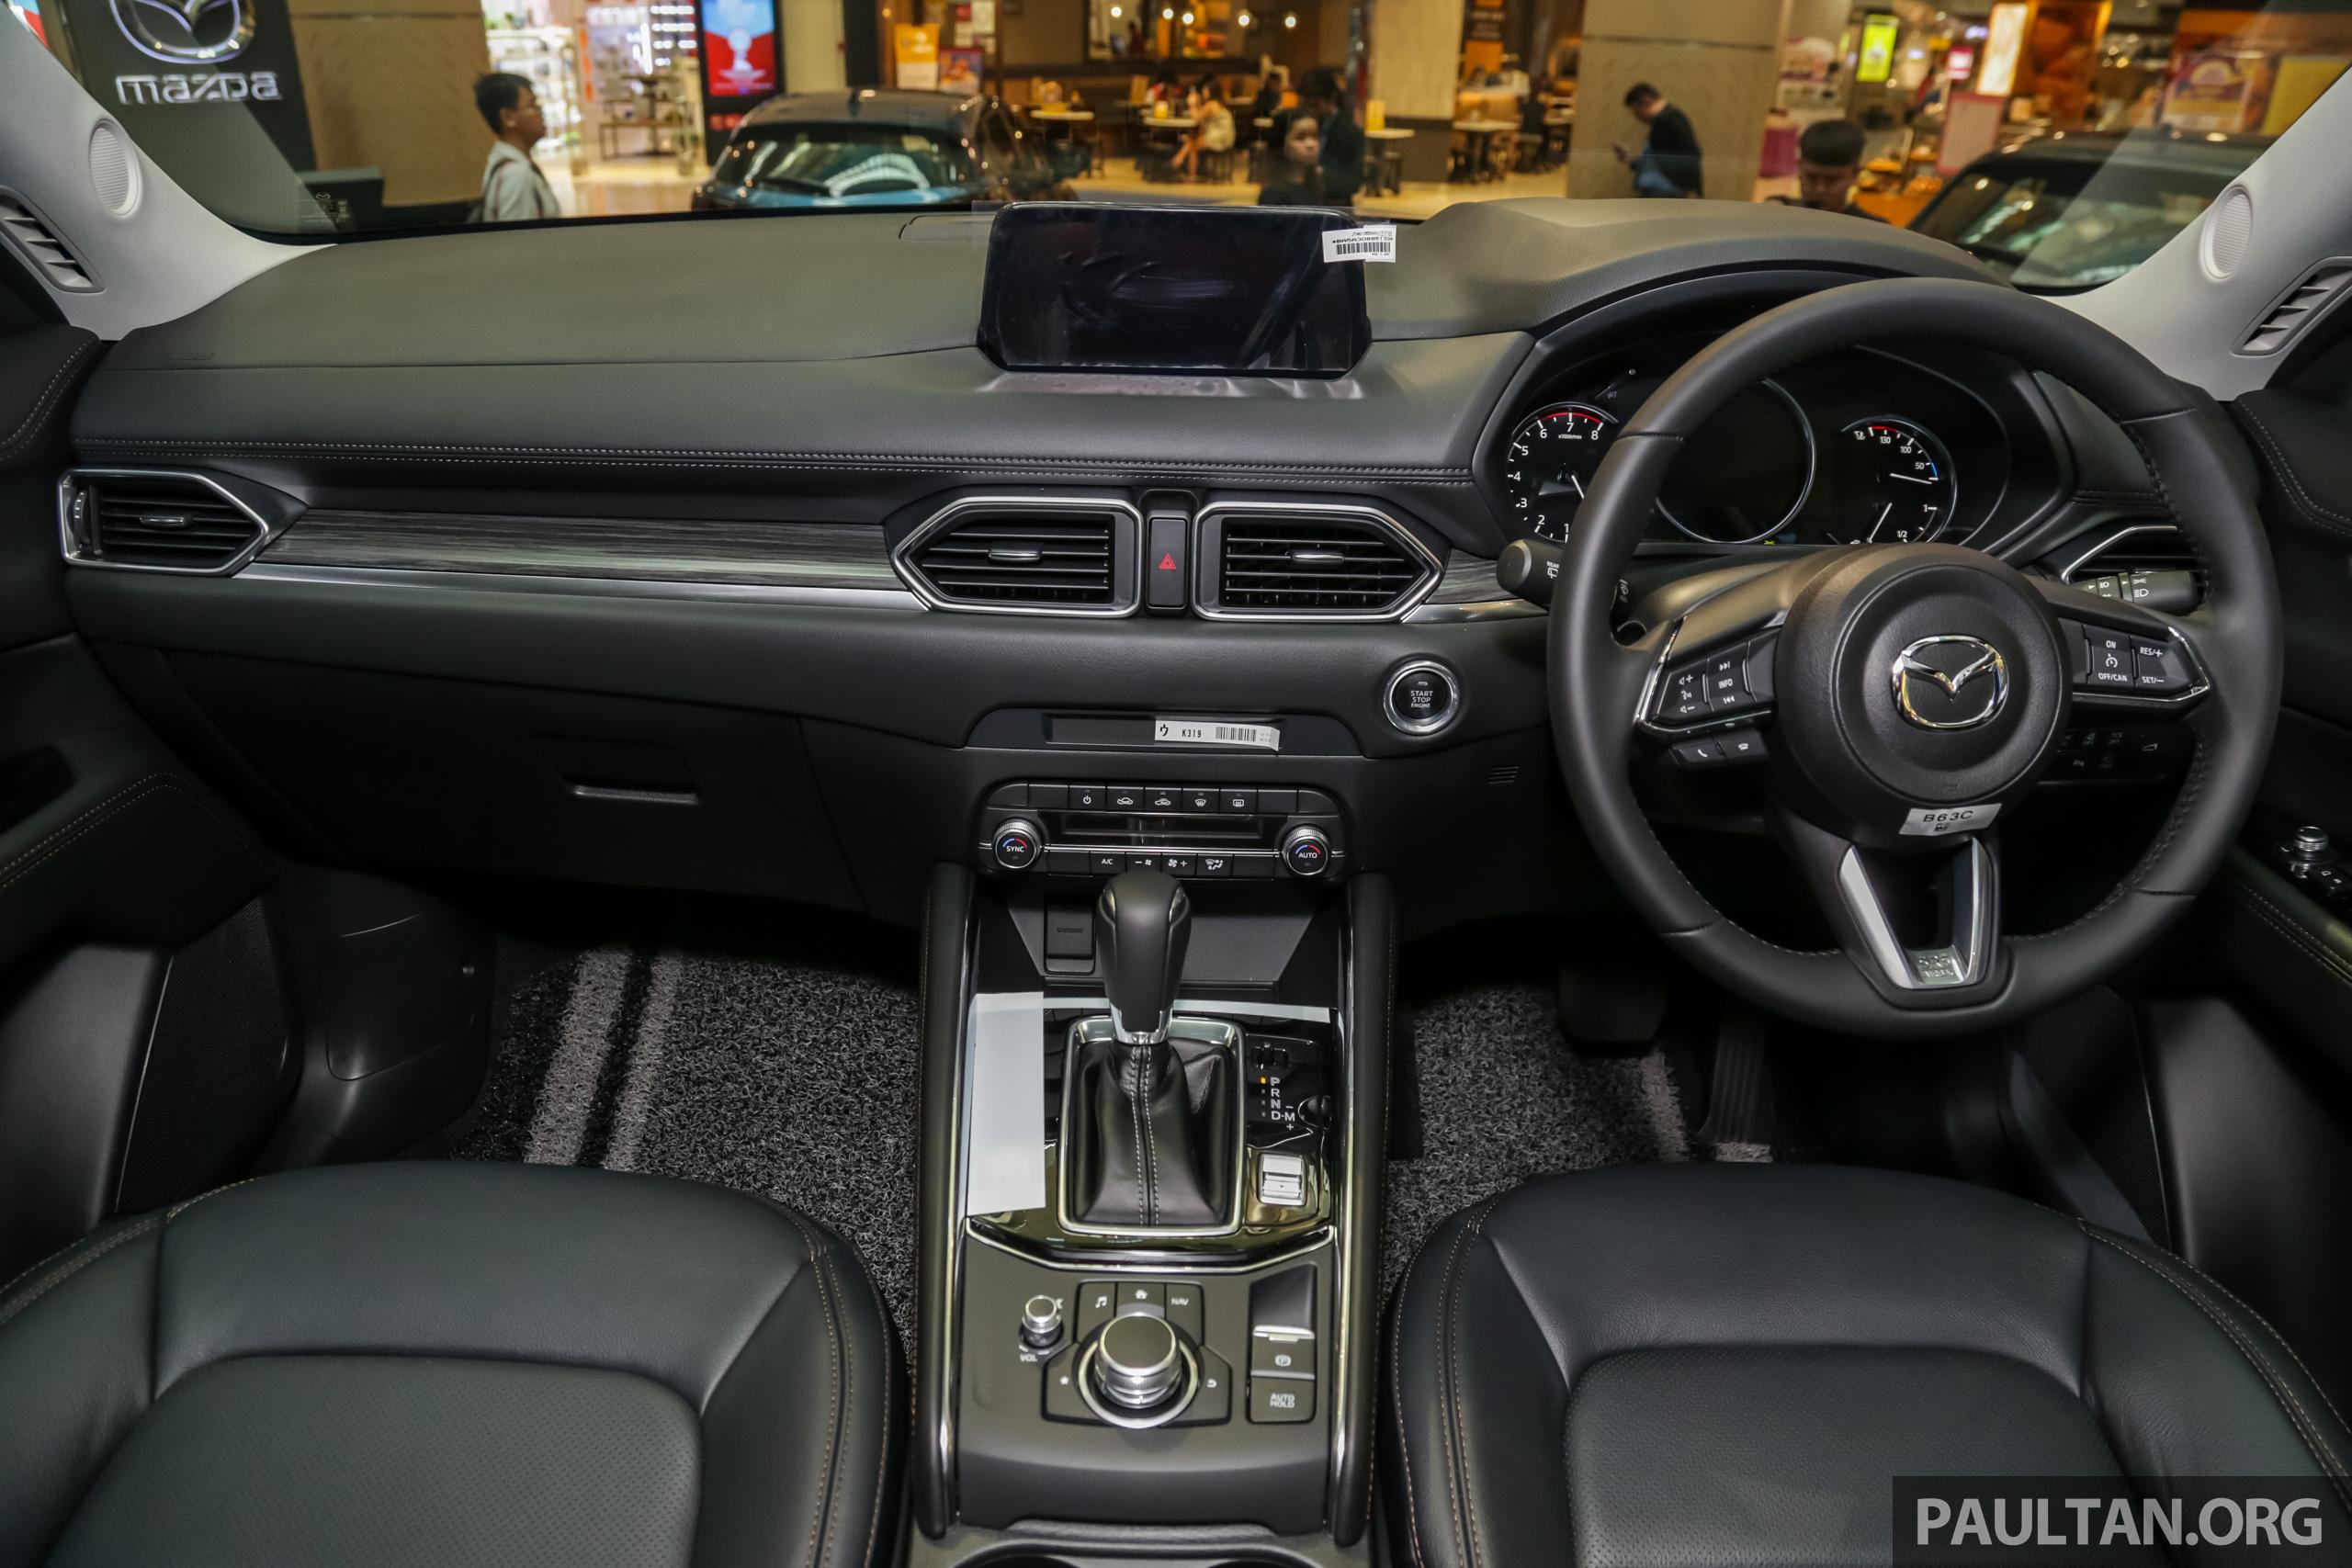 Kekurangan Mazda Cx 5 2.5 Turbo Top Model Tahun Ini